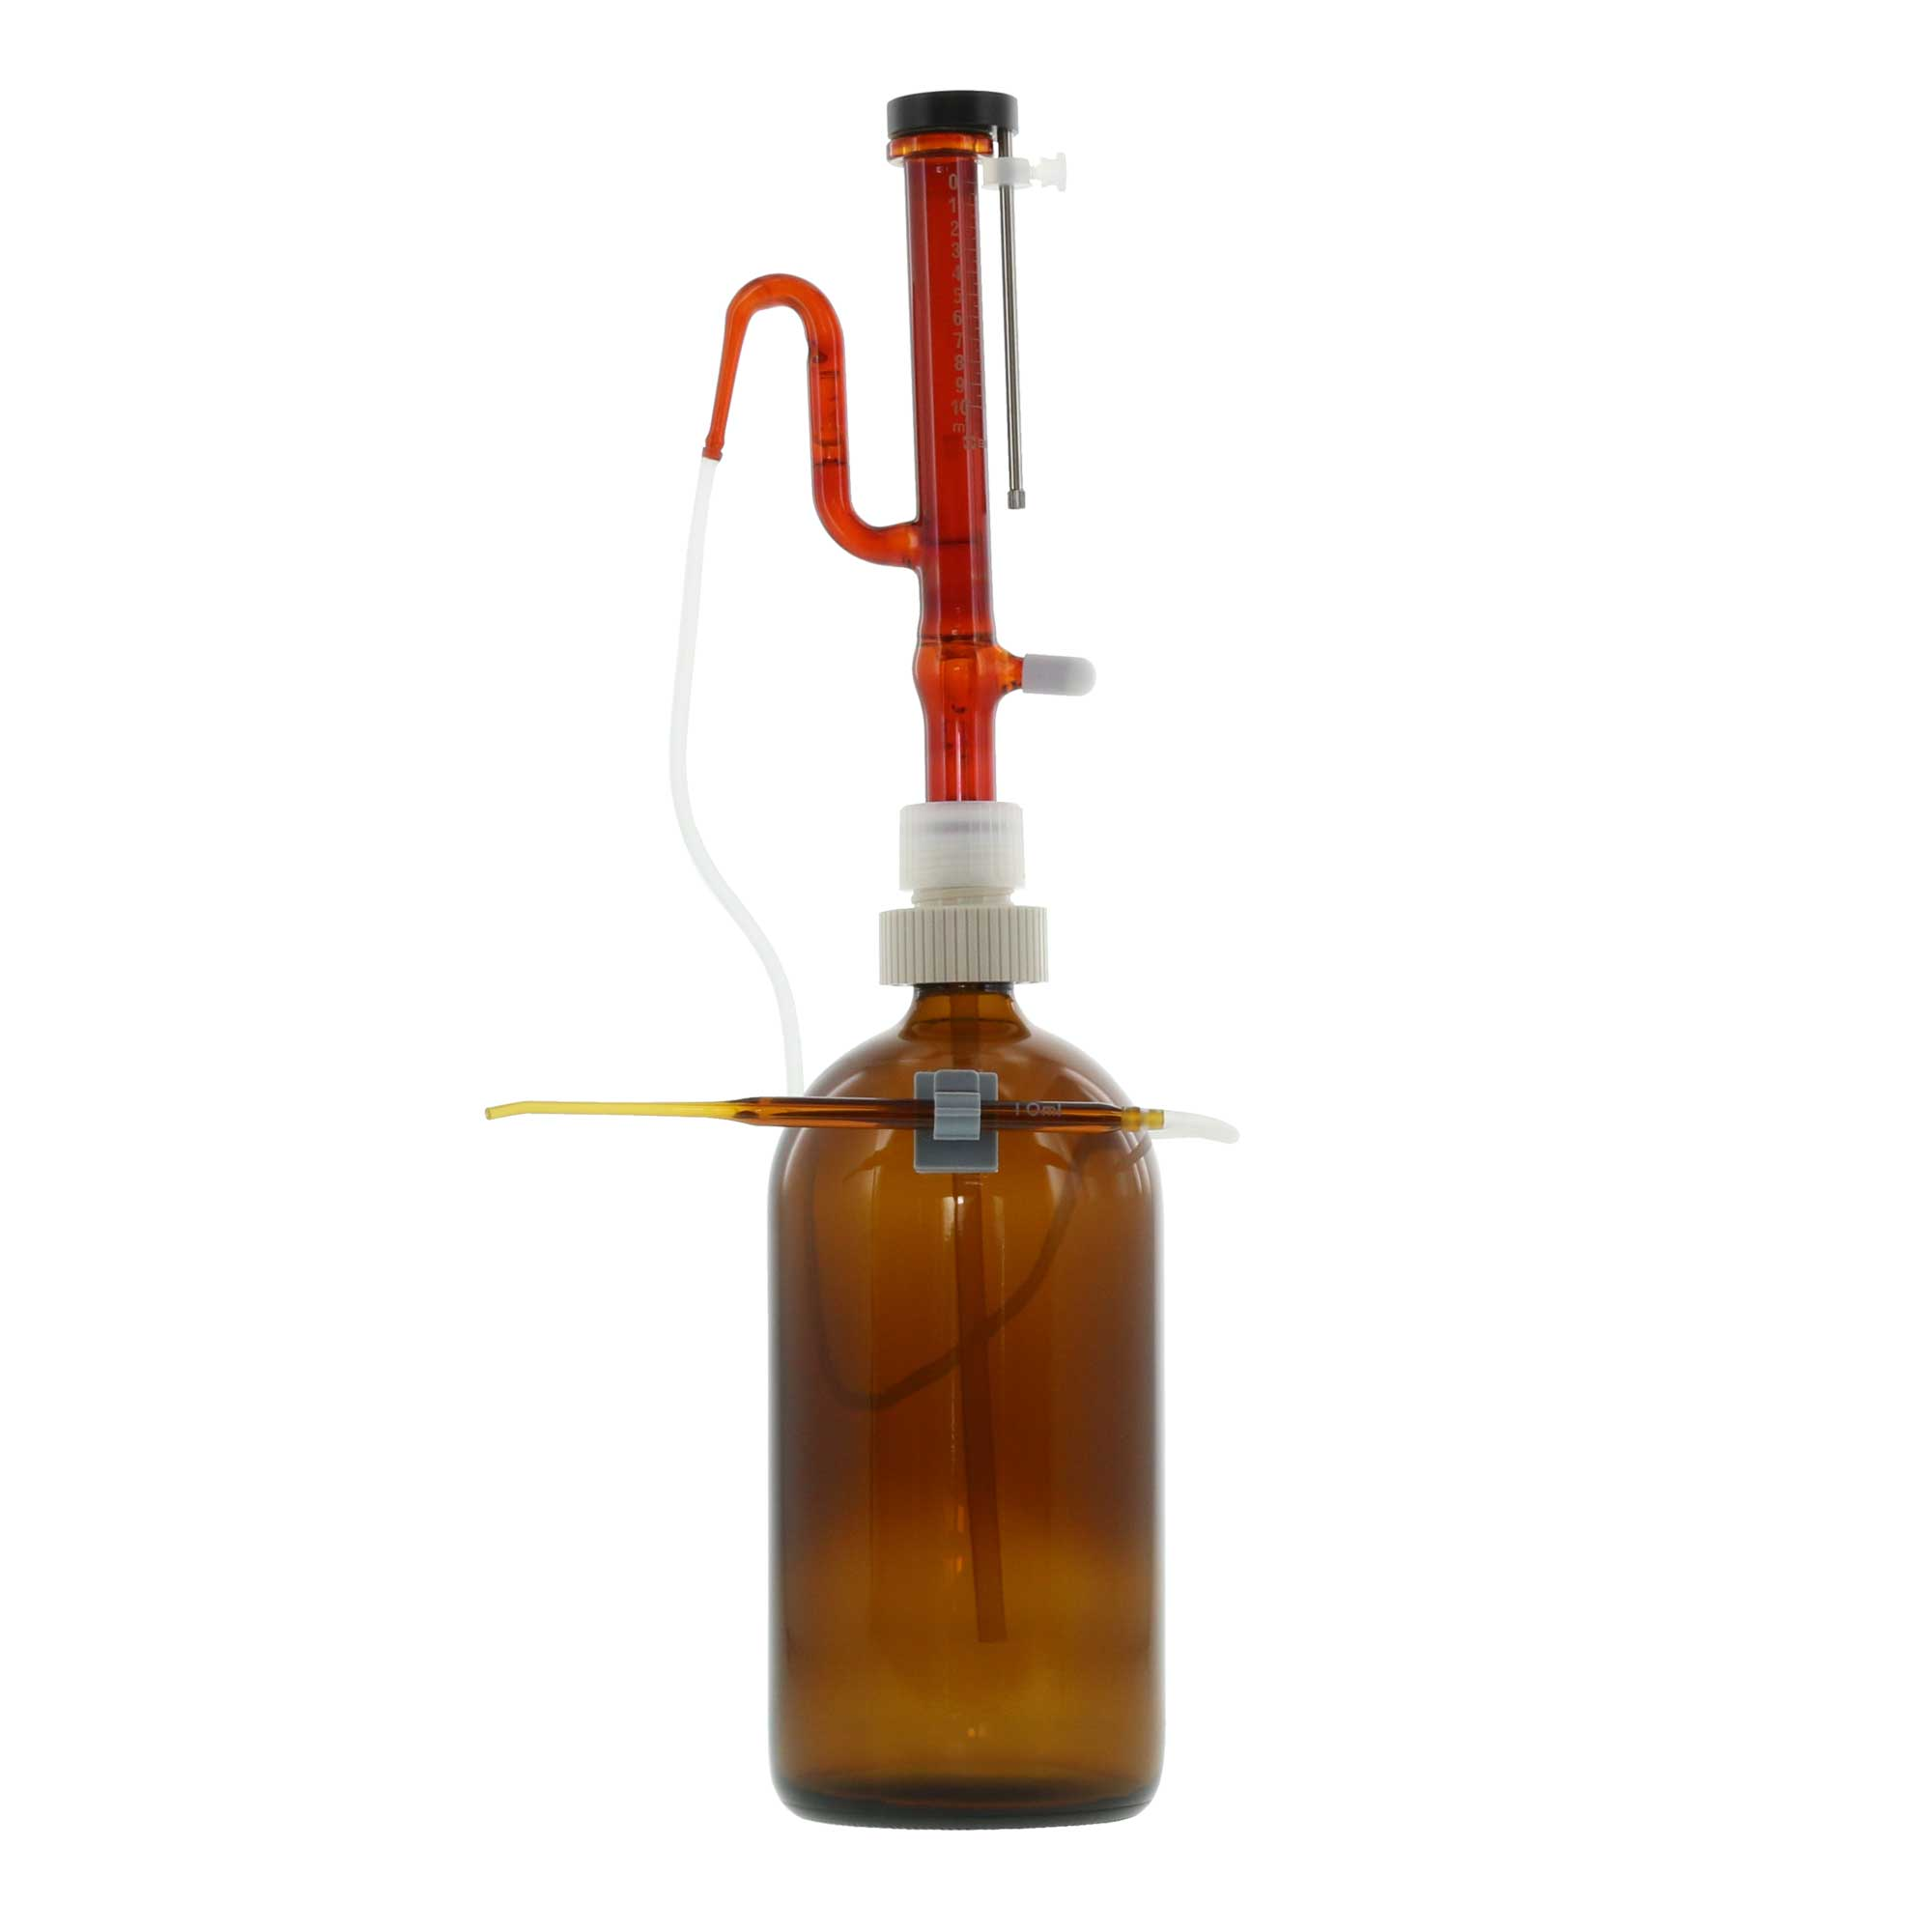 025120-10 分注器 リビューレット 褐色 1-10mL 柴田科学(SIBATA)